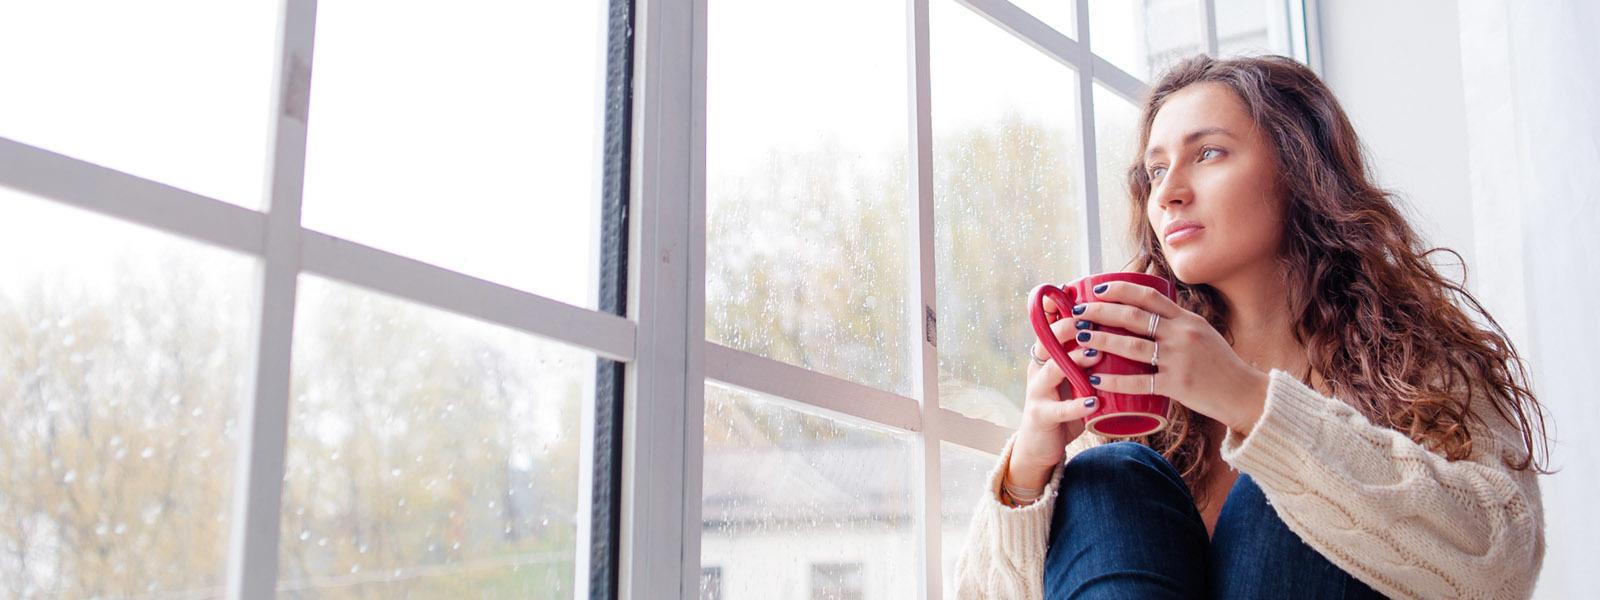 Image d'une femme assise à la fenêtre en tenant une tasse